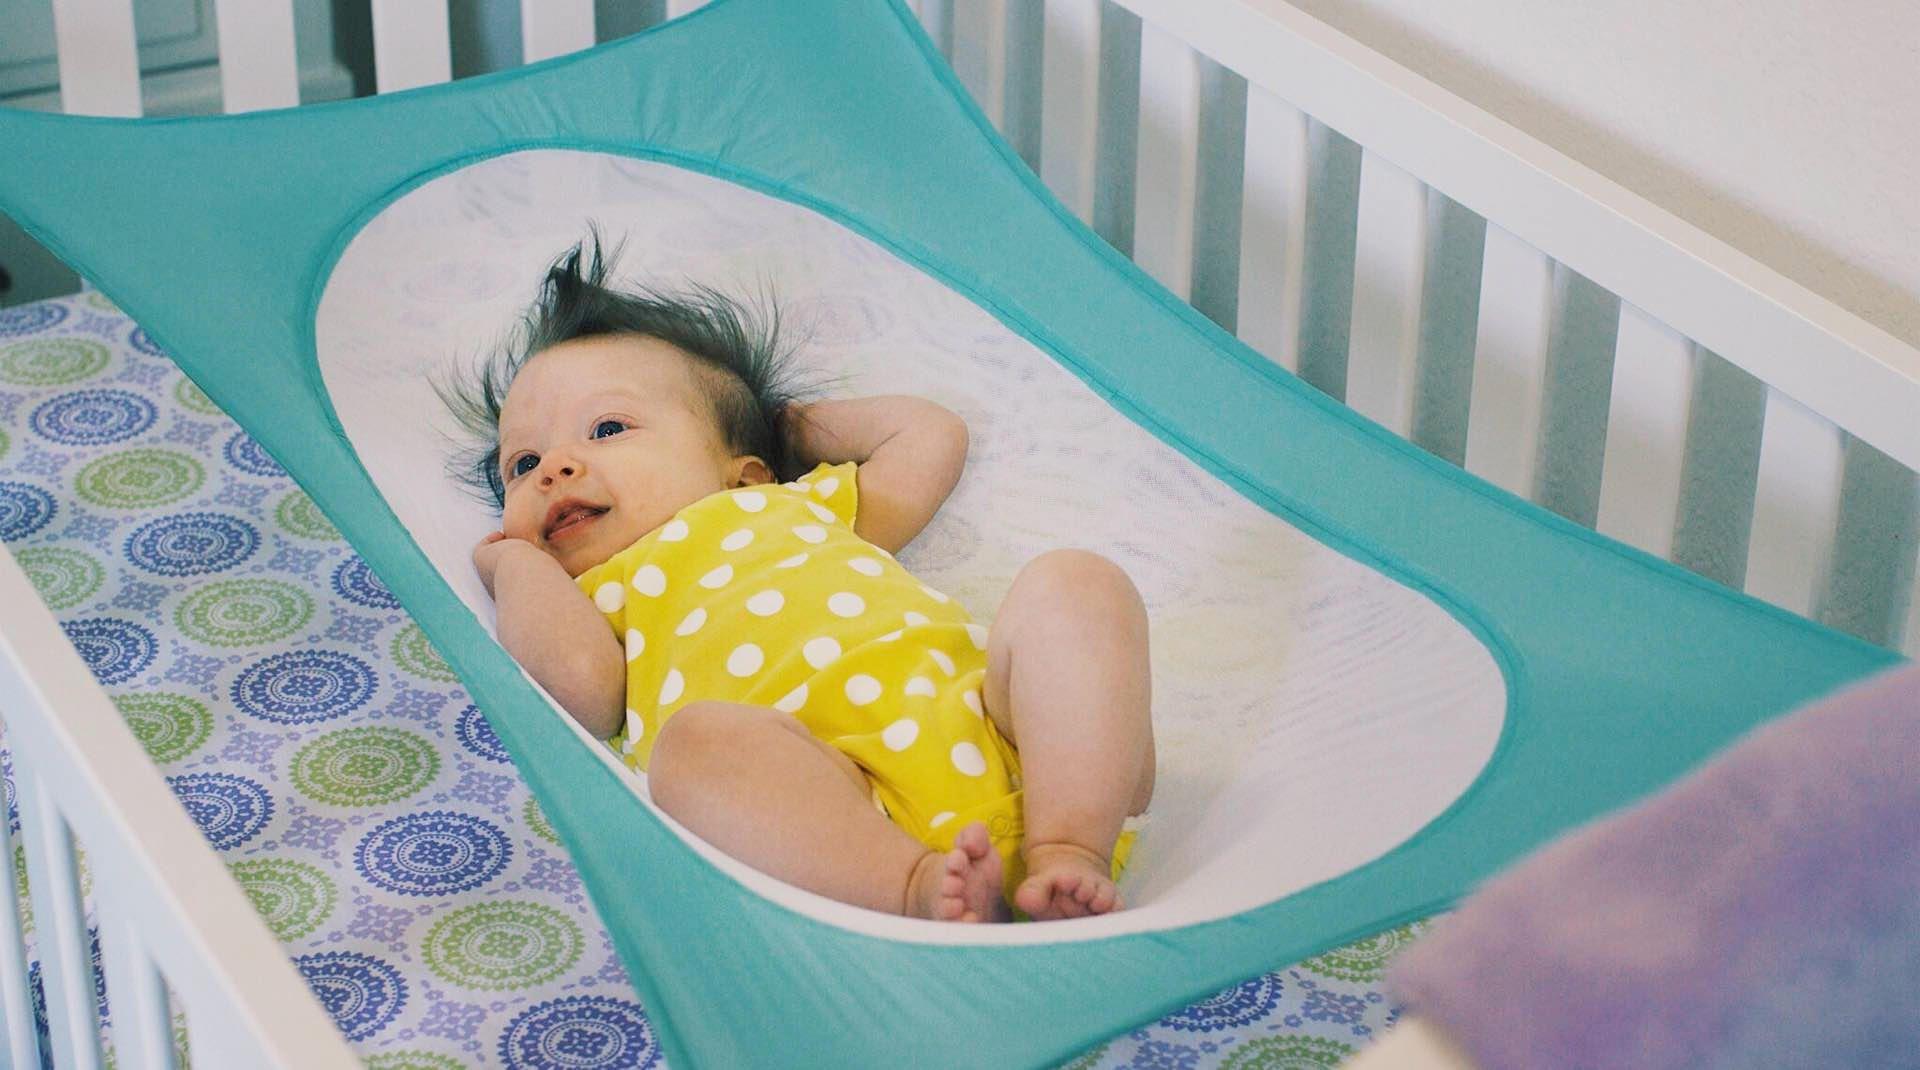 ist das das sicherste babybett der welt baby geburt pinterest baby neugeborene und. Black Bedroom Furniture Sets. Home Design Ideas